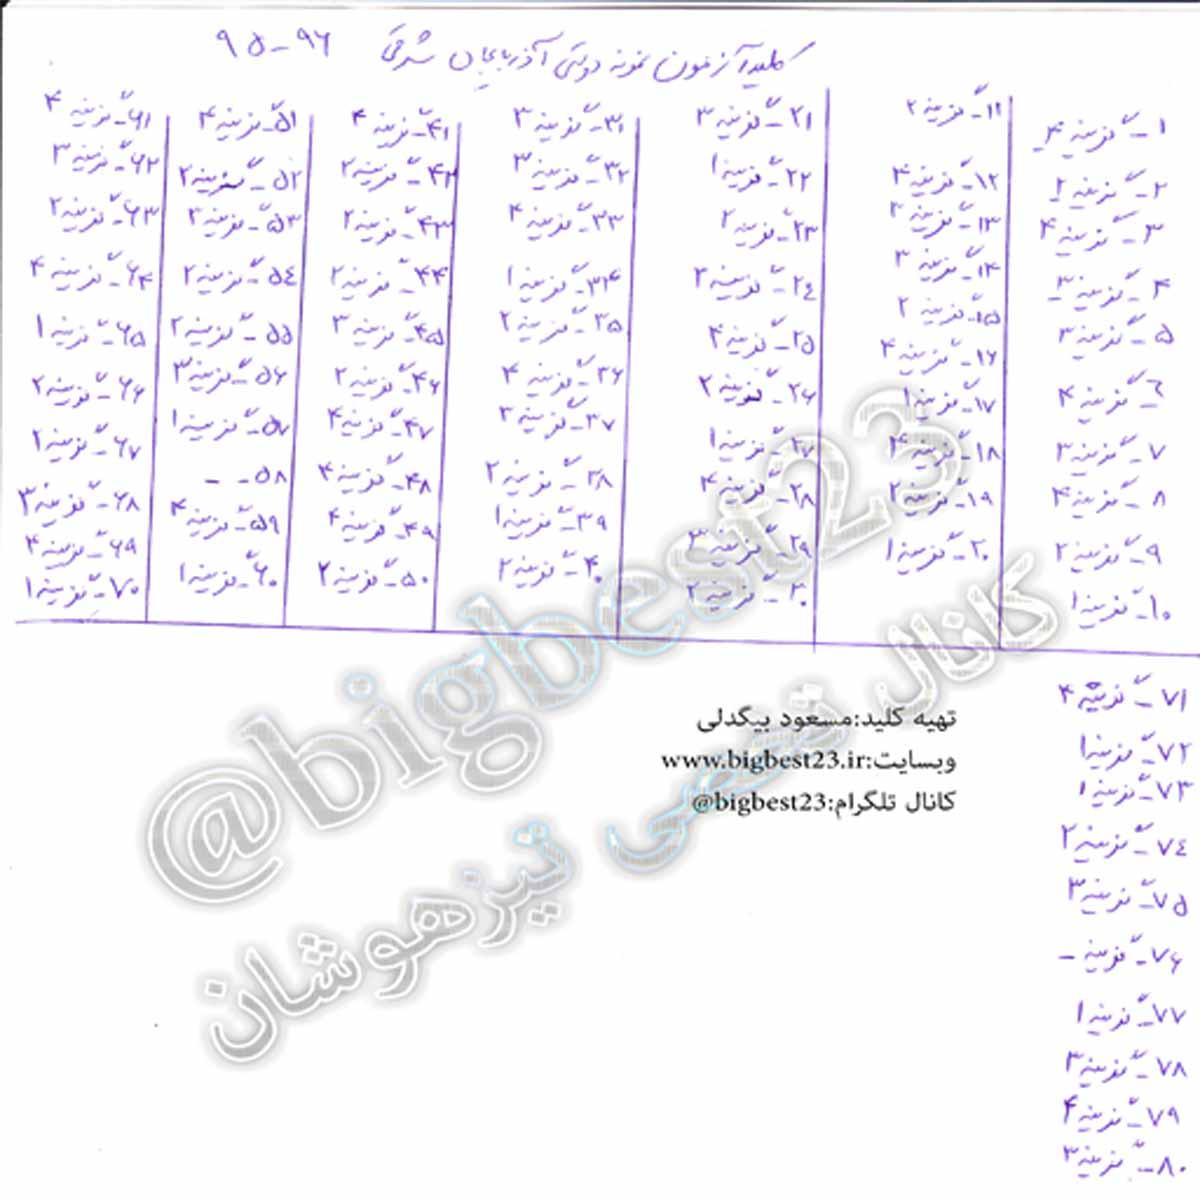 کلید آزمون نمونه دولتی آذربایجان شرقی 96-95